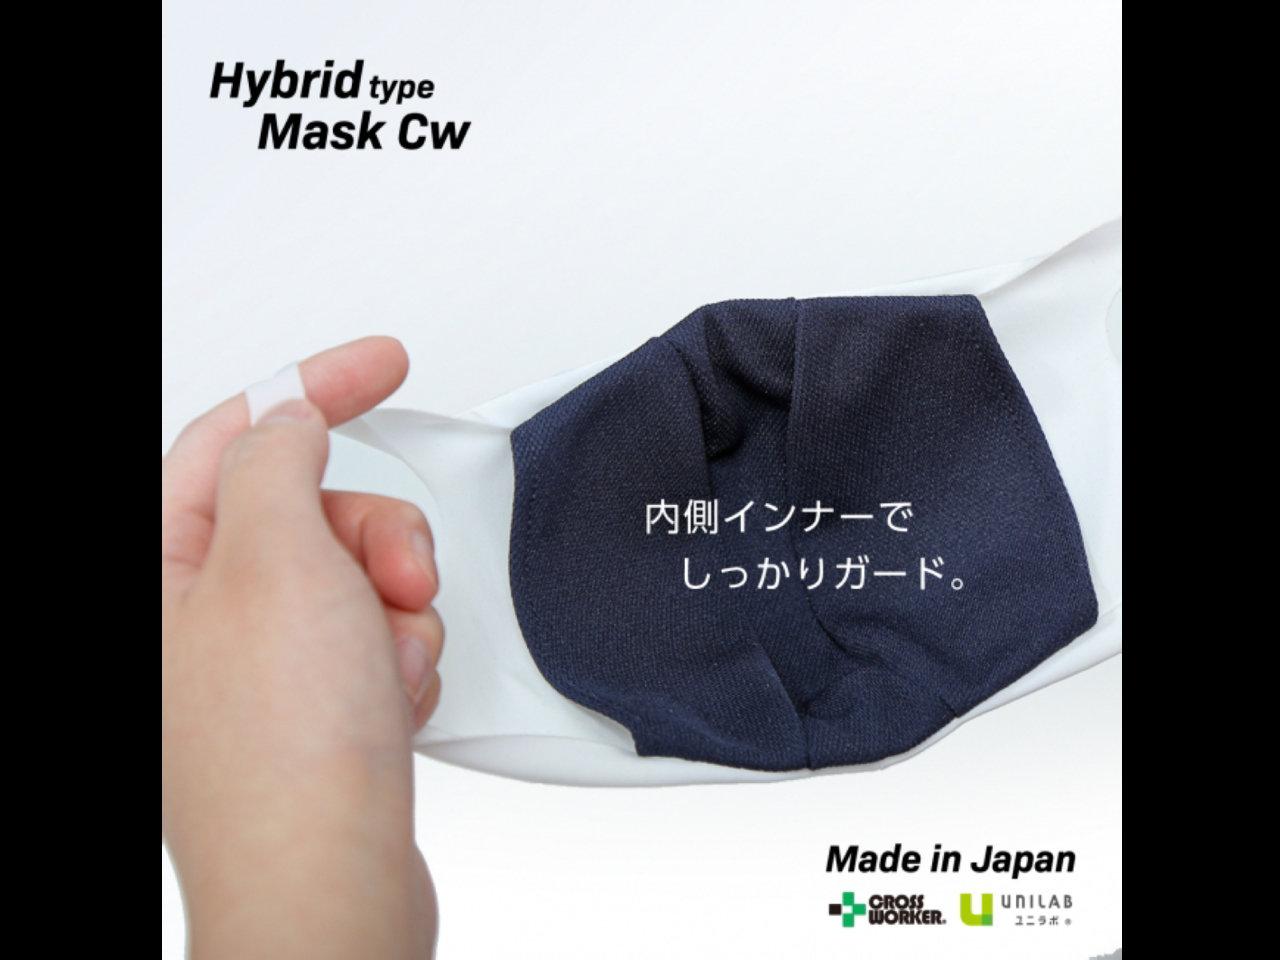 「制菌」「接触冷感」「何度も洗える」新素材の次世代型高機能マスク誕生しました。